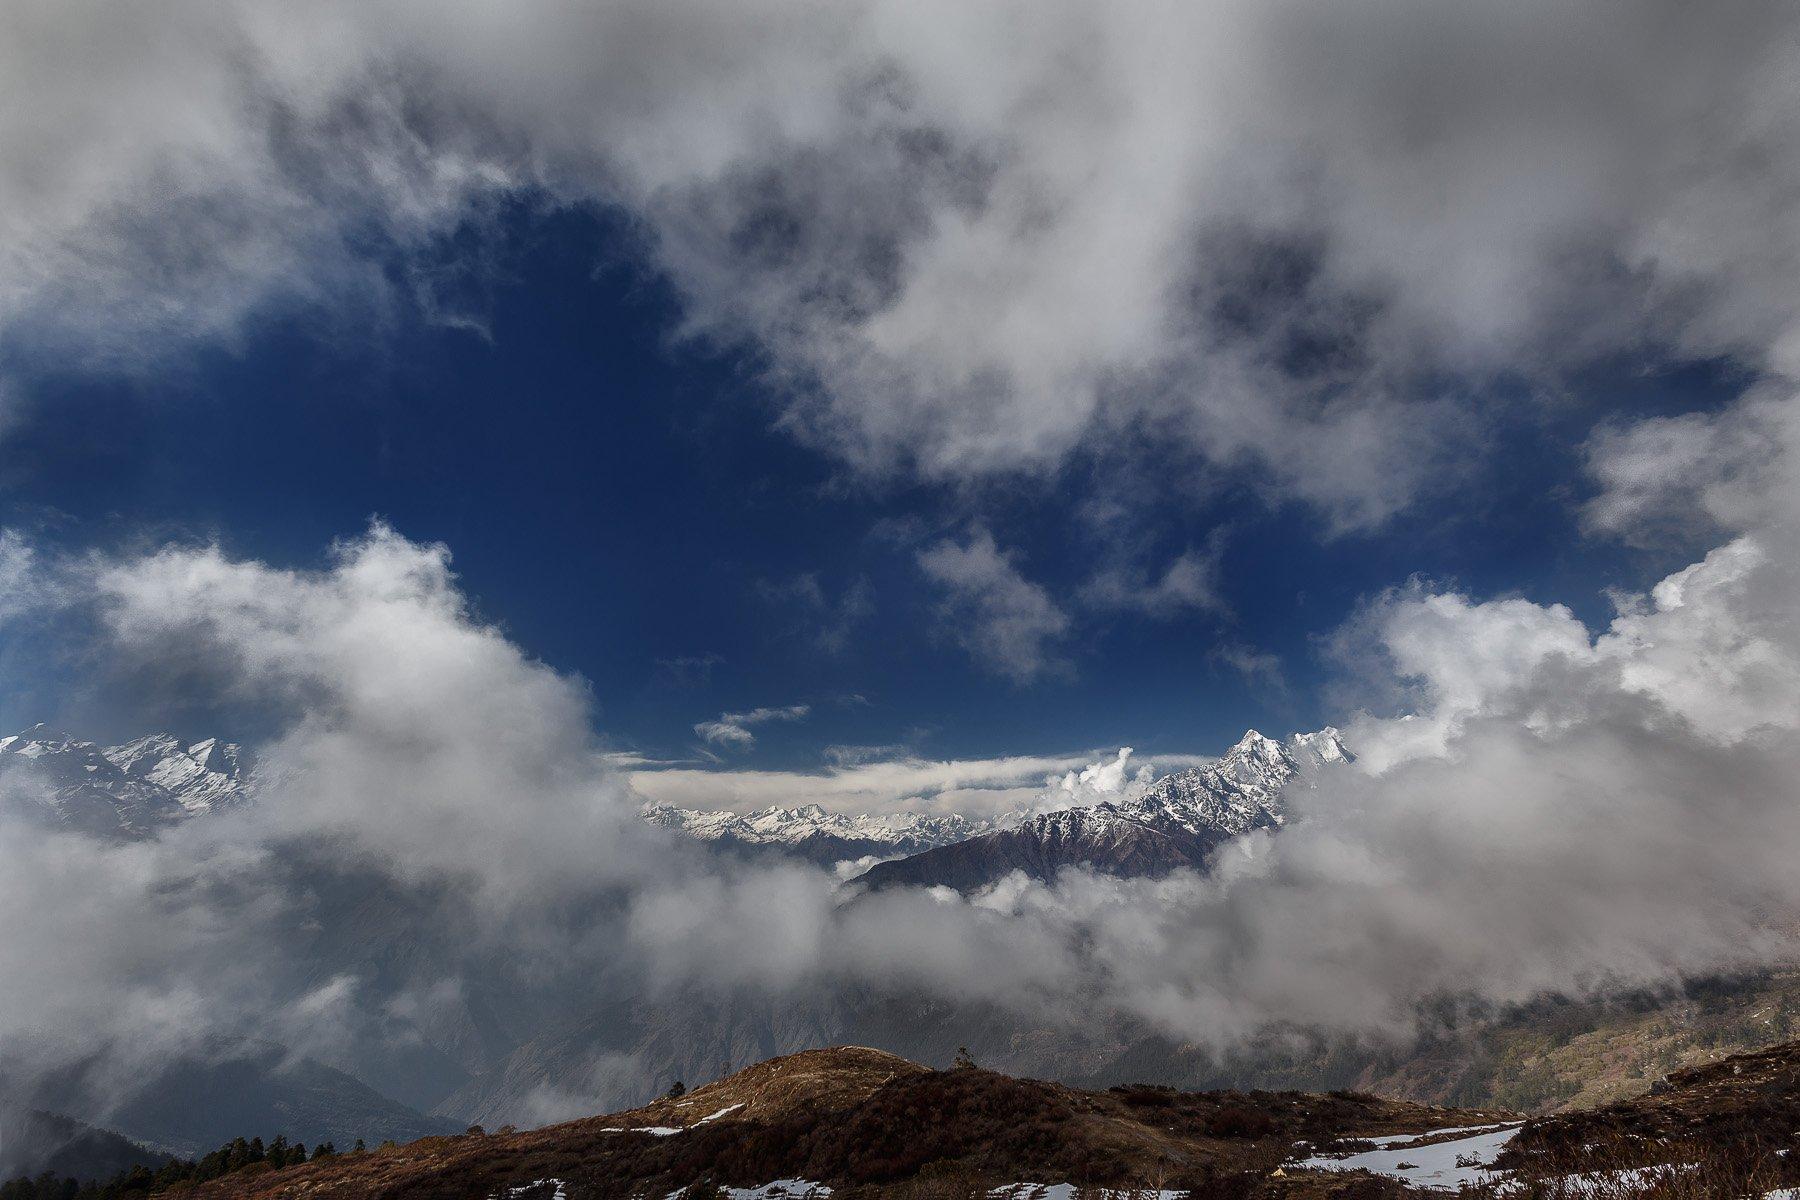 Горы, Лангтанг, Непал, Облака, Пейзаж, Природа, Купрацевич Дмитрий